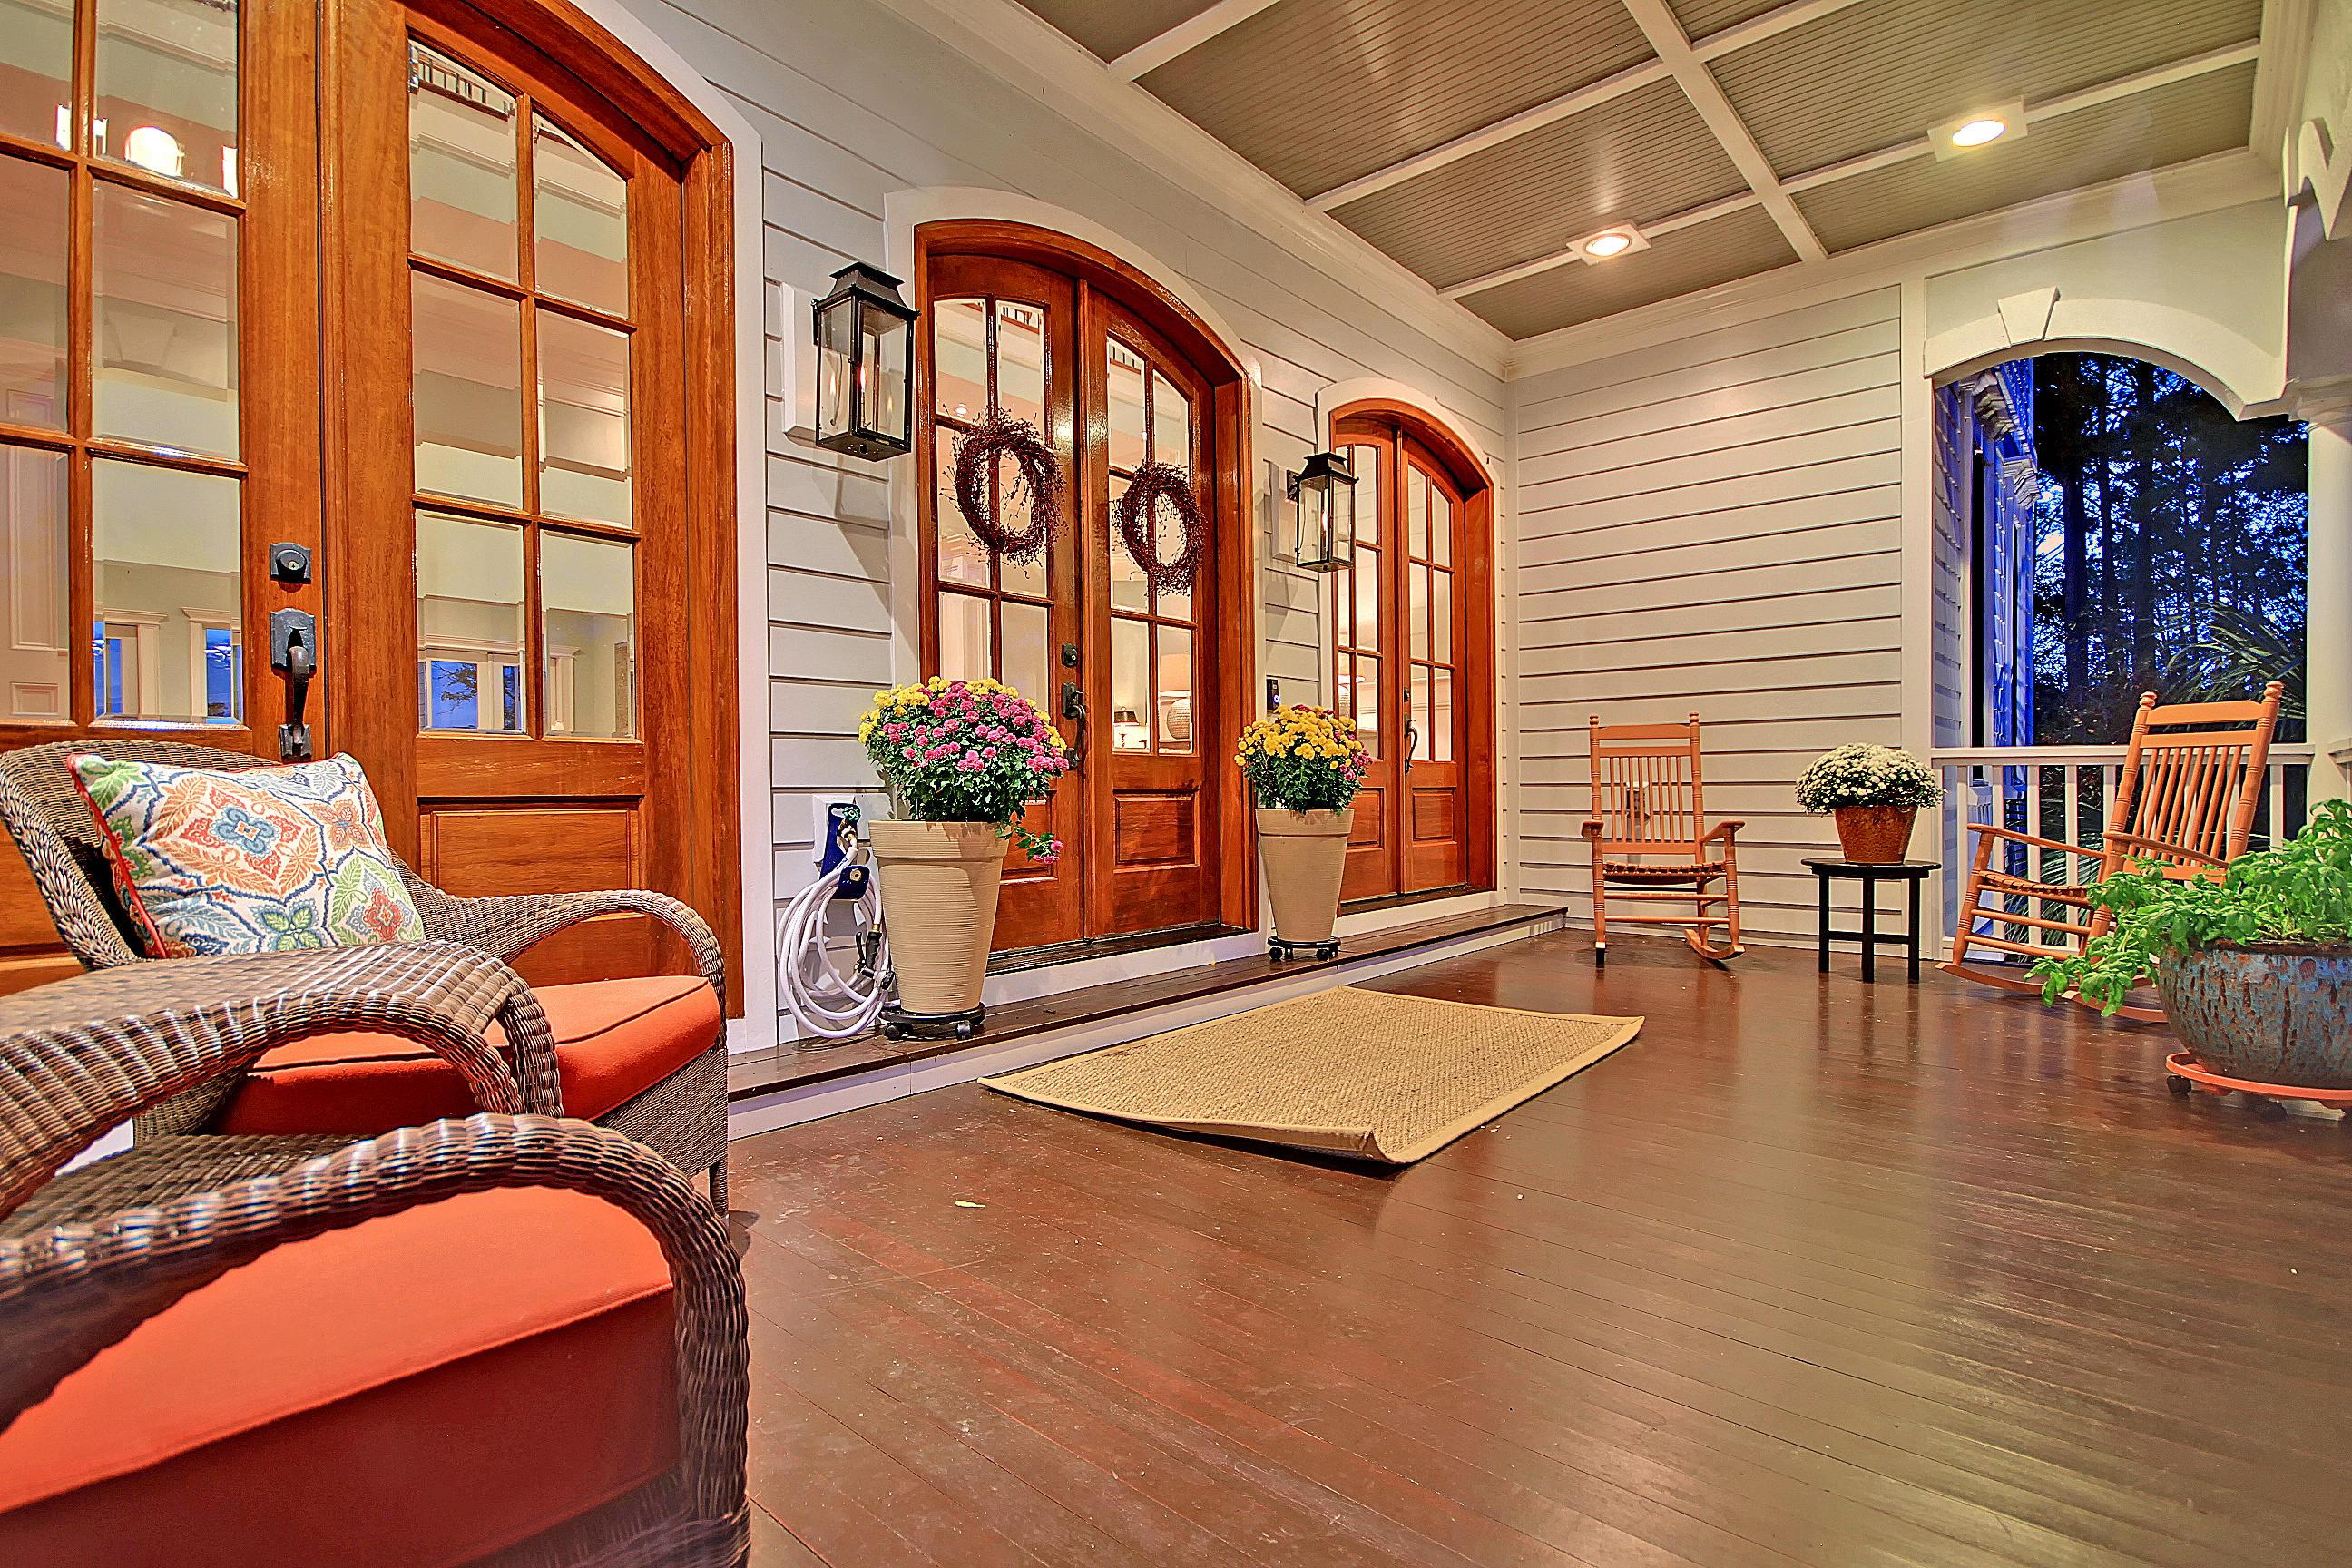 Park West Homes For Sale - 3940 Ashton Shore, Mount Pleasant, SC - 1